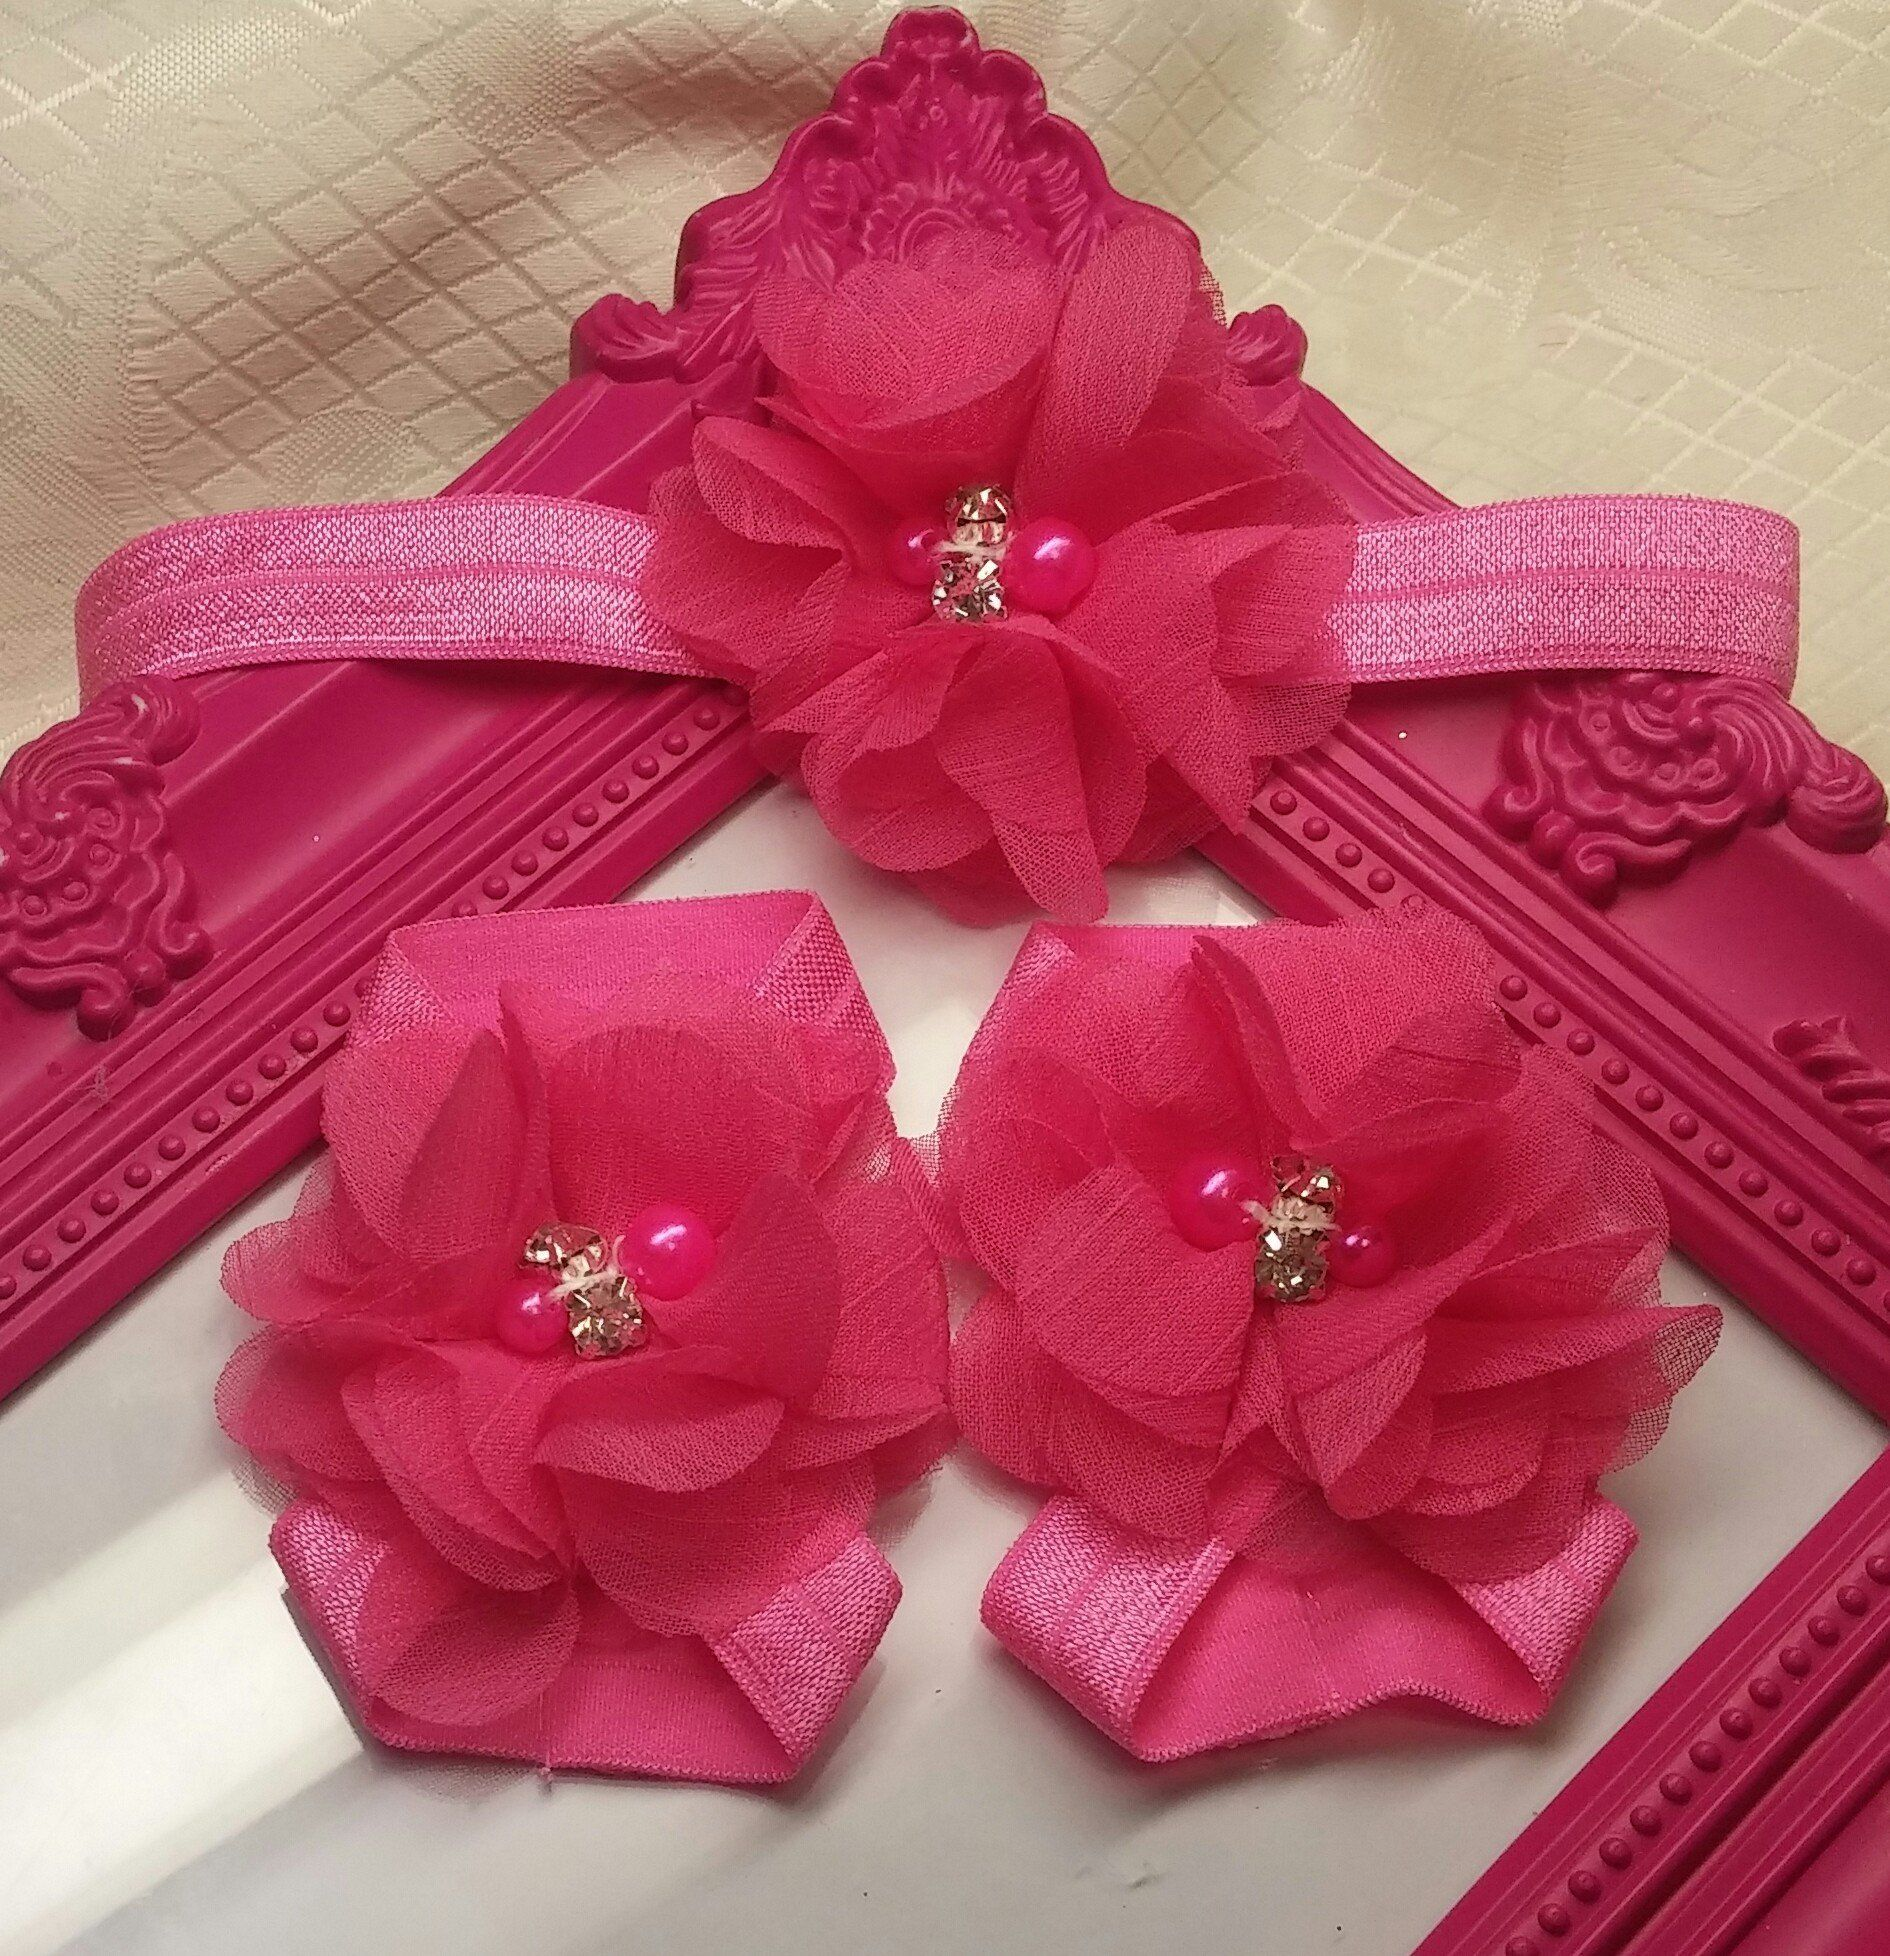 Hot Pink Chiffon Flower Headband And Barefoot Sandal Set Chiffon